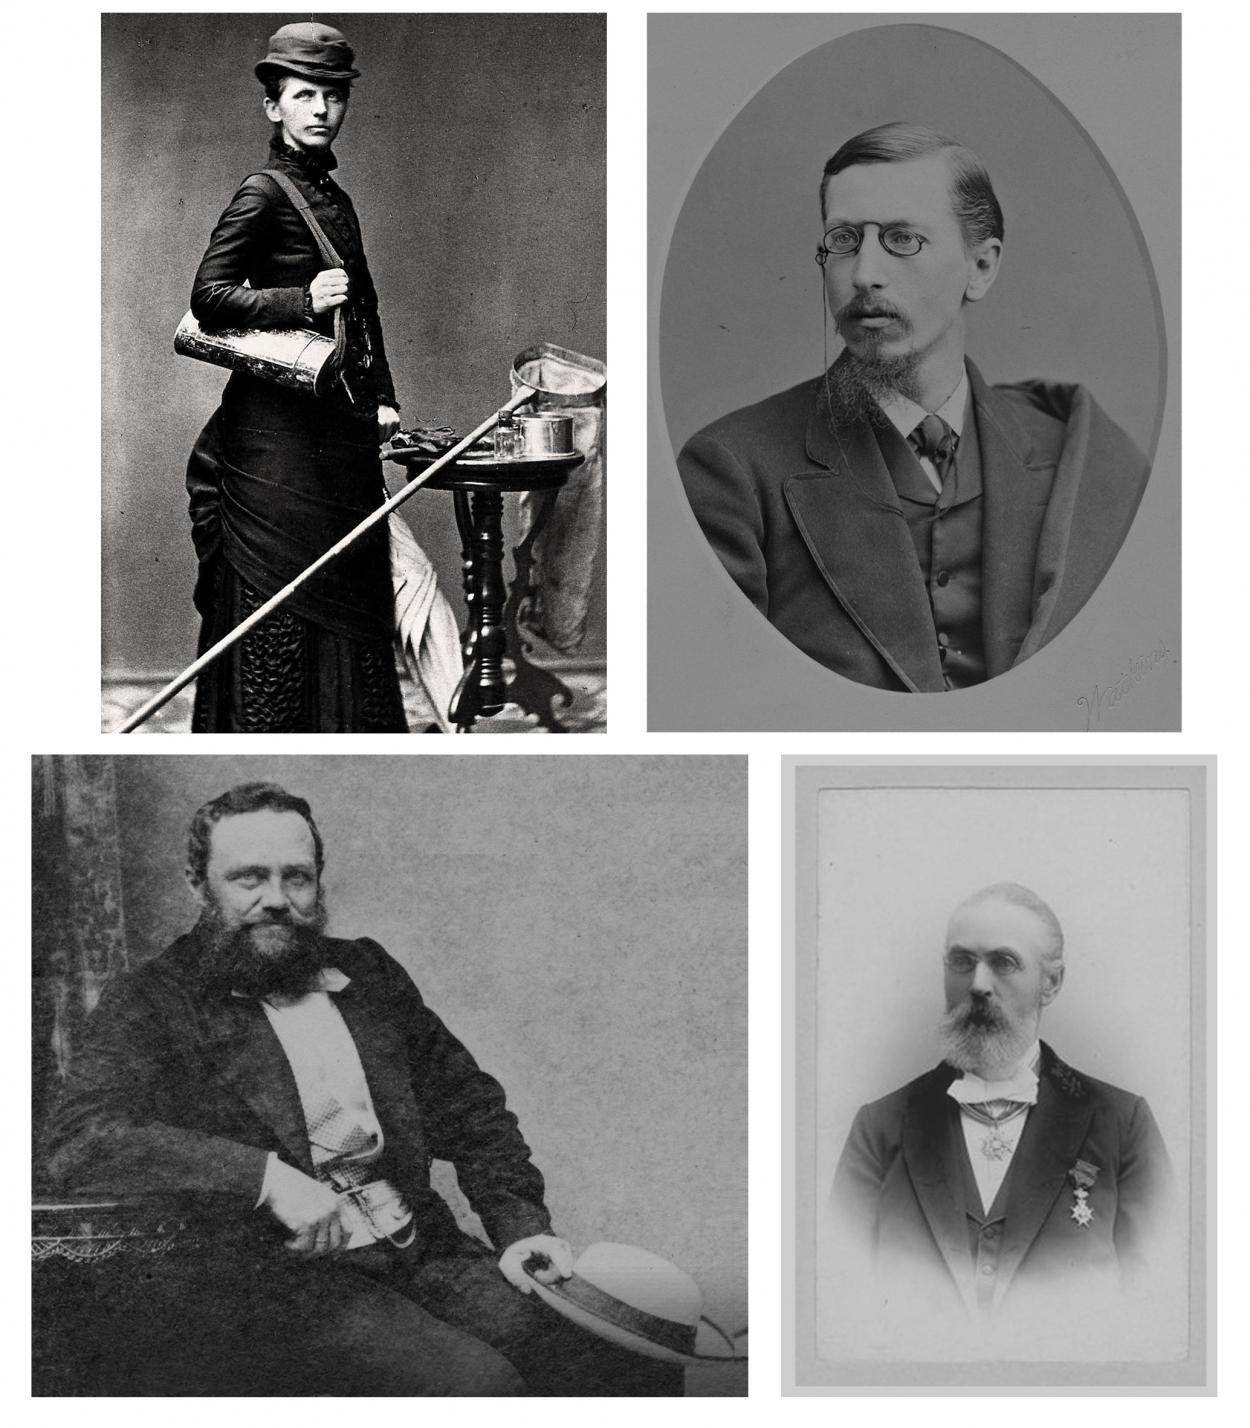 Исследователи арктических континентальных моллюсков прошлого. Верхний ряд: Биргит Эсмарк и Уильям Далл. Нижний ряд: Александр Миддендорф и Карл Вестерлюнд